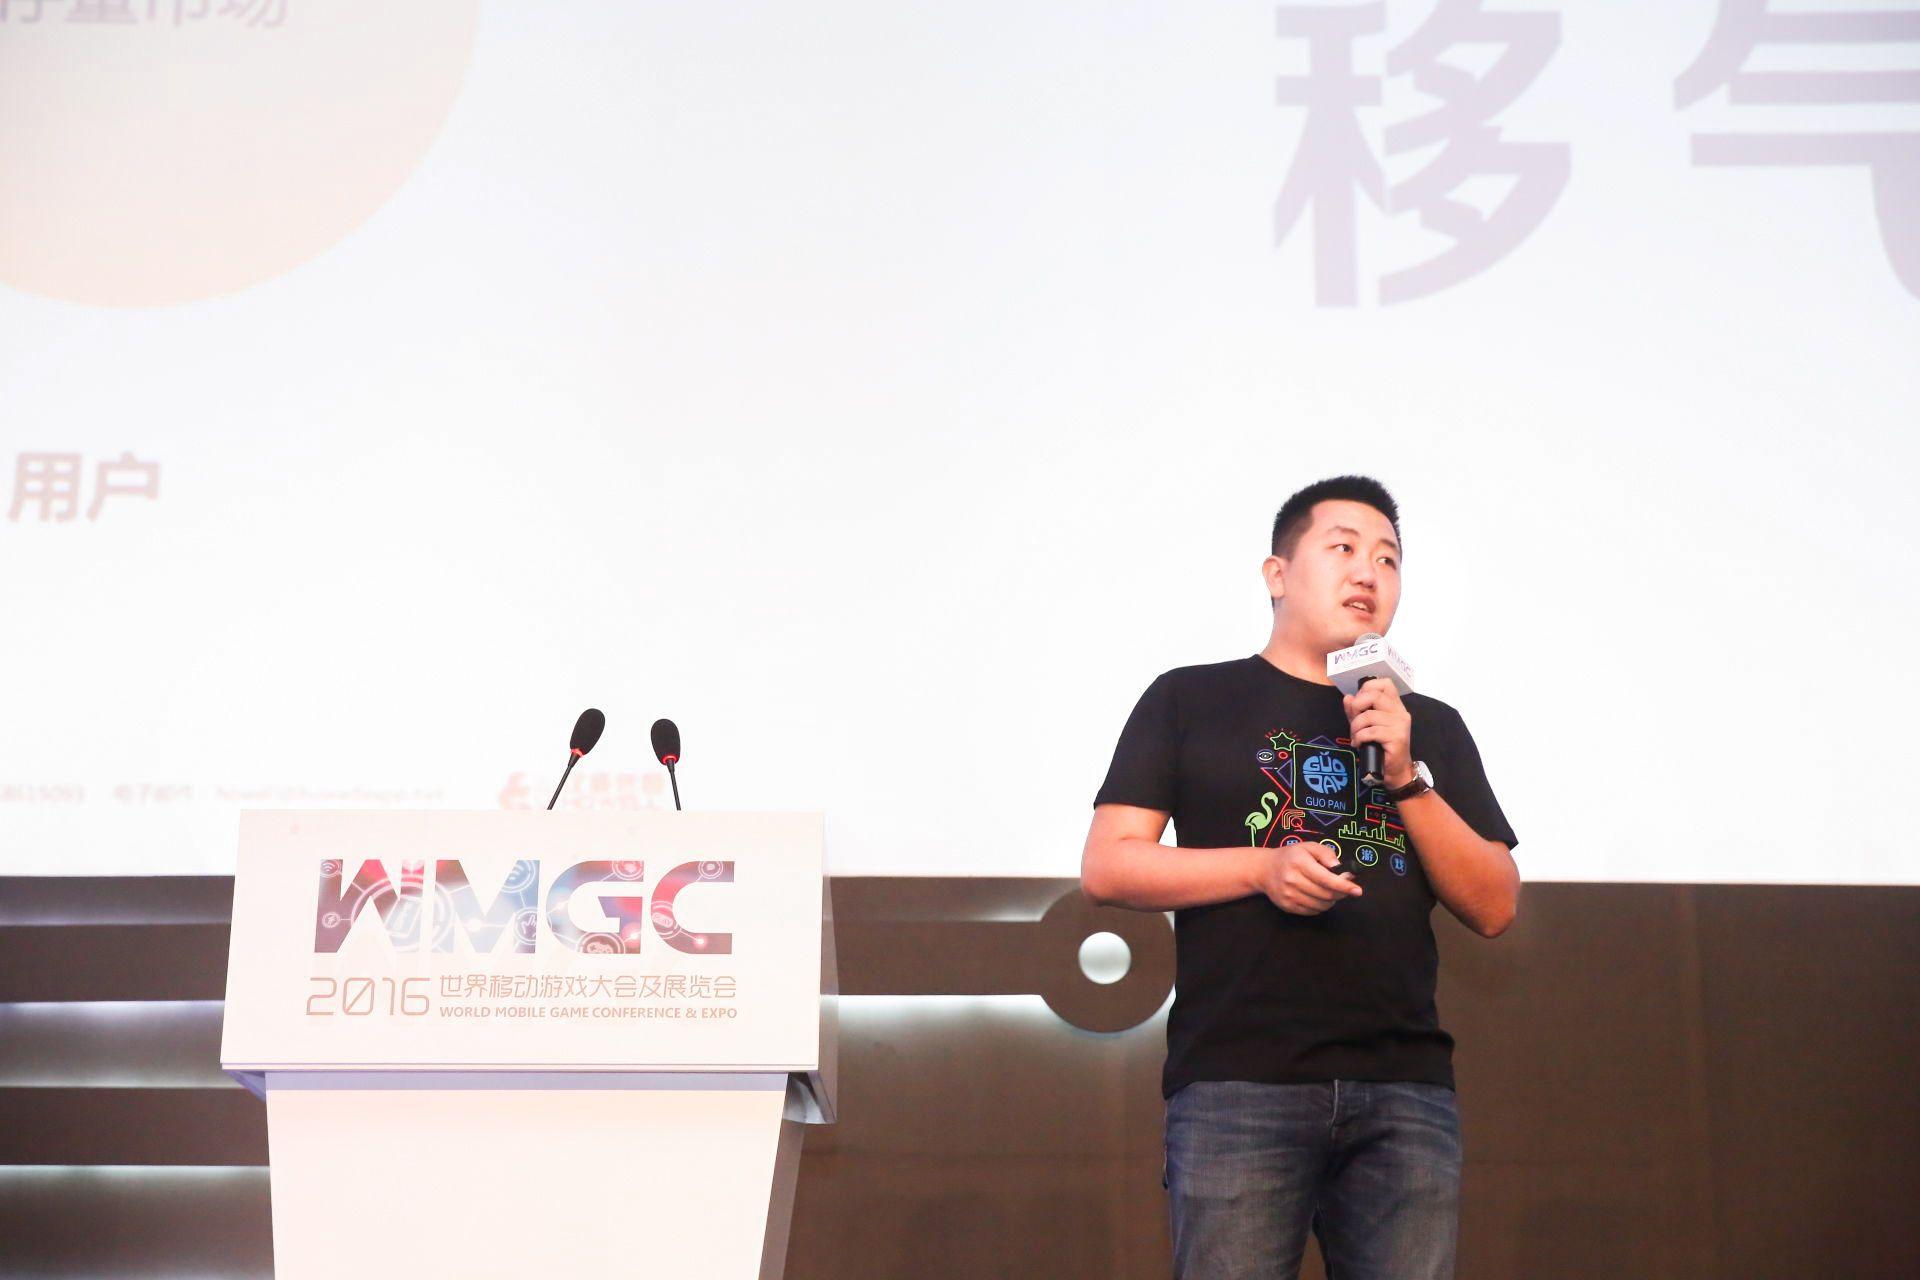 果盘游戏CEO马朔:当我们认真谈论玩家的日常,我们才真正谈论游戏